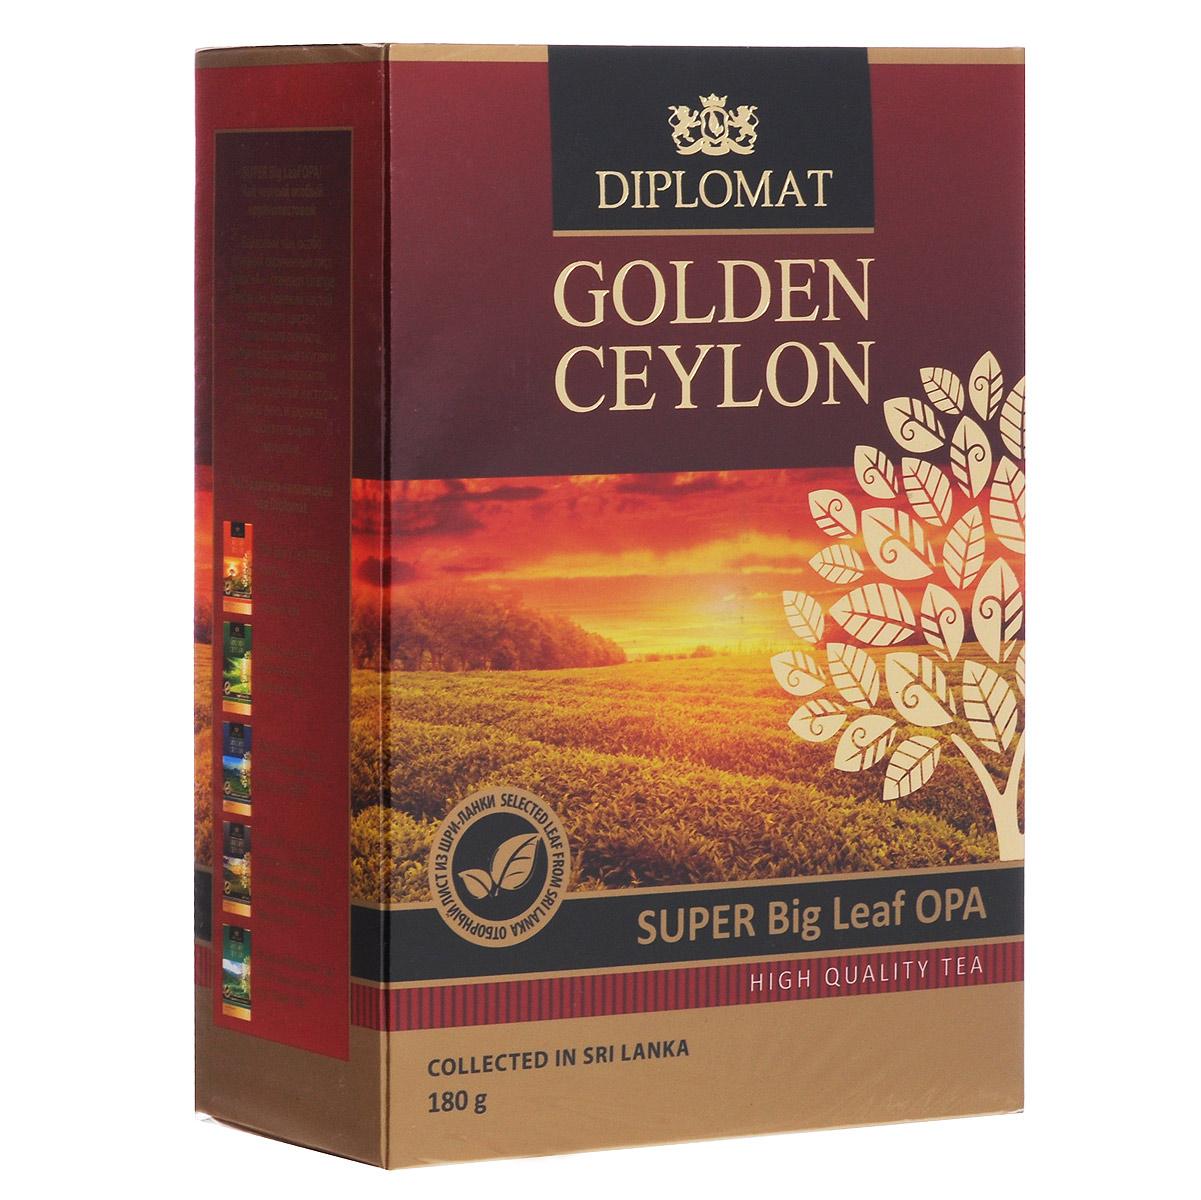 Diplomat Super Big Leaf OPA черный крупнолистовой чай, 180 г4623721121869Байховый чай Diplomat Super Big Leaf OPAотличается особо крупным скрученным листом - стандартом Orange Pekoe «А». Крепкий настой янтарного цвета с золотистым отливом, мягким бархатным вкусом и освежающим ароматом создает отличный настрой на весь день и заряжает положительными эмоциями.